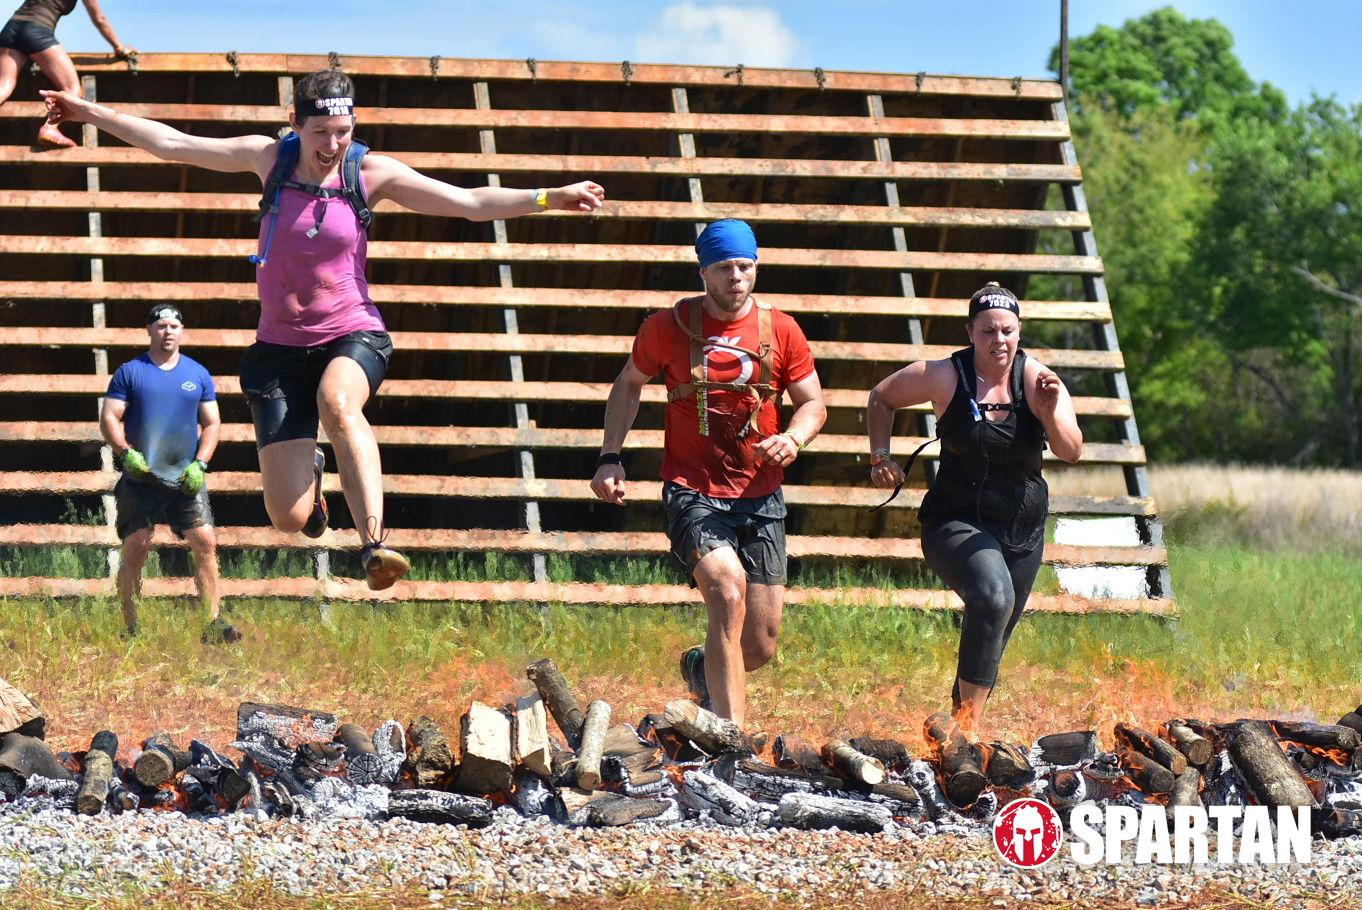 spartan-race-lesley-jump.JPG